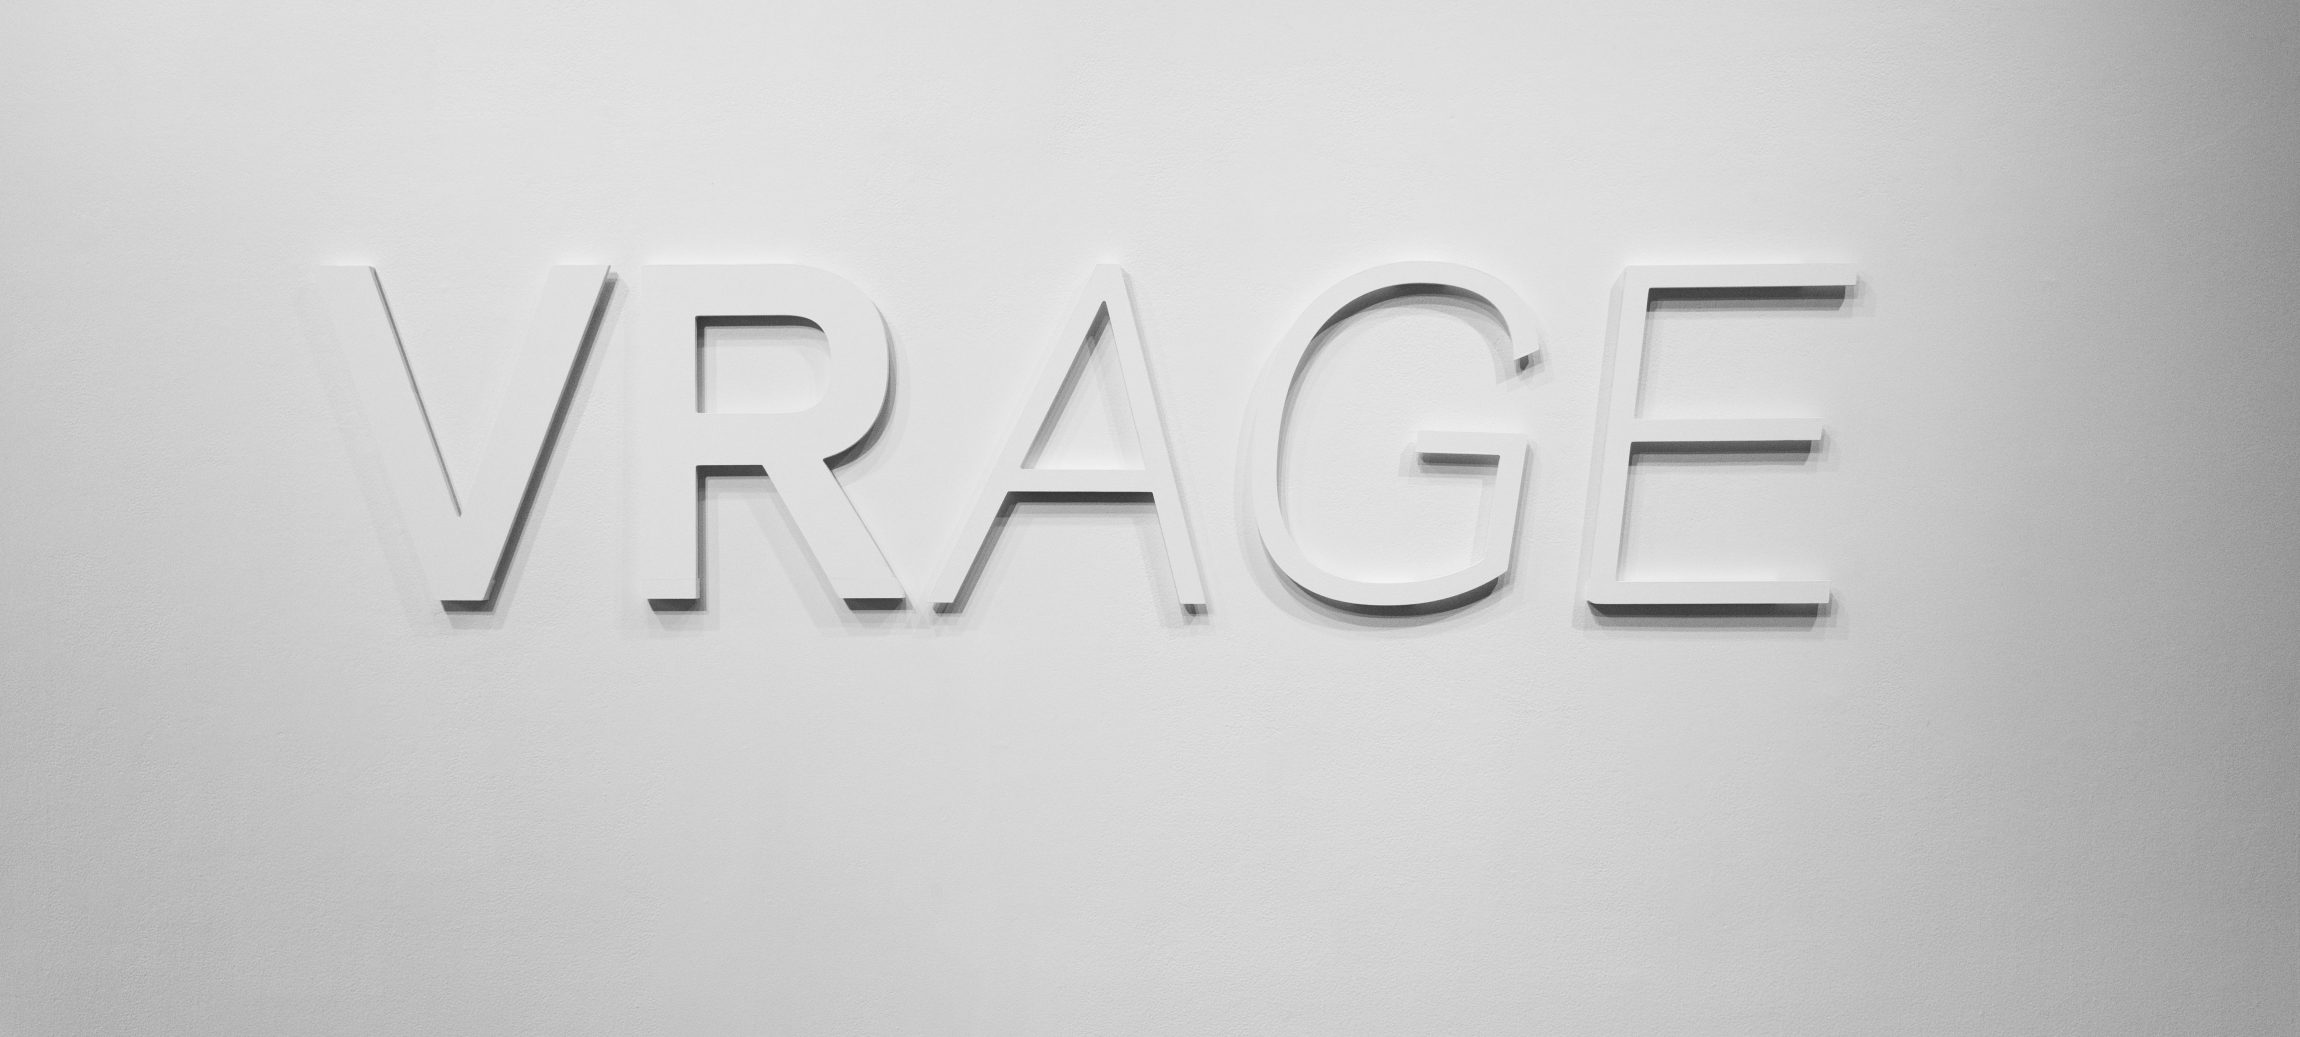 VRAGE image